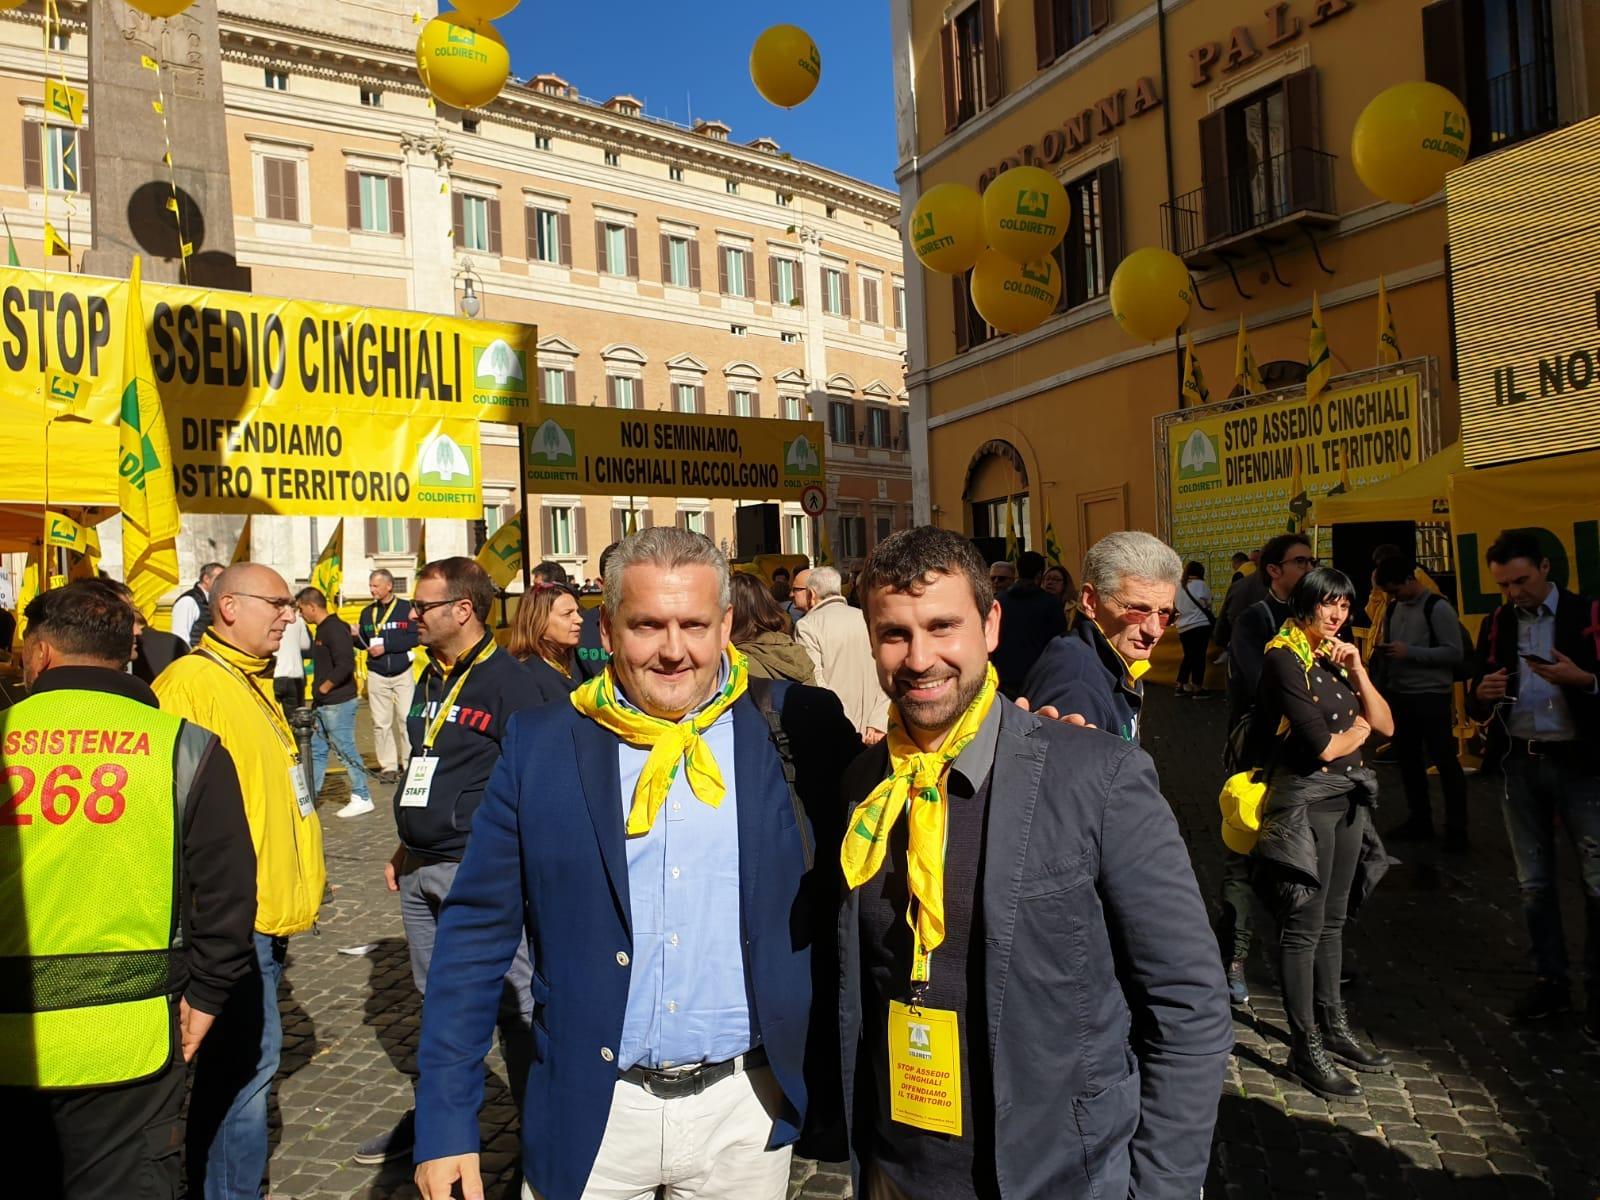 Elio Gasco e Alessio Nicoletta